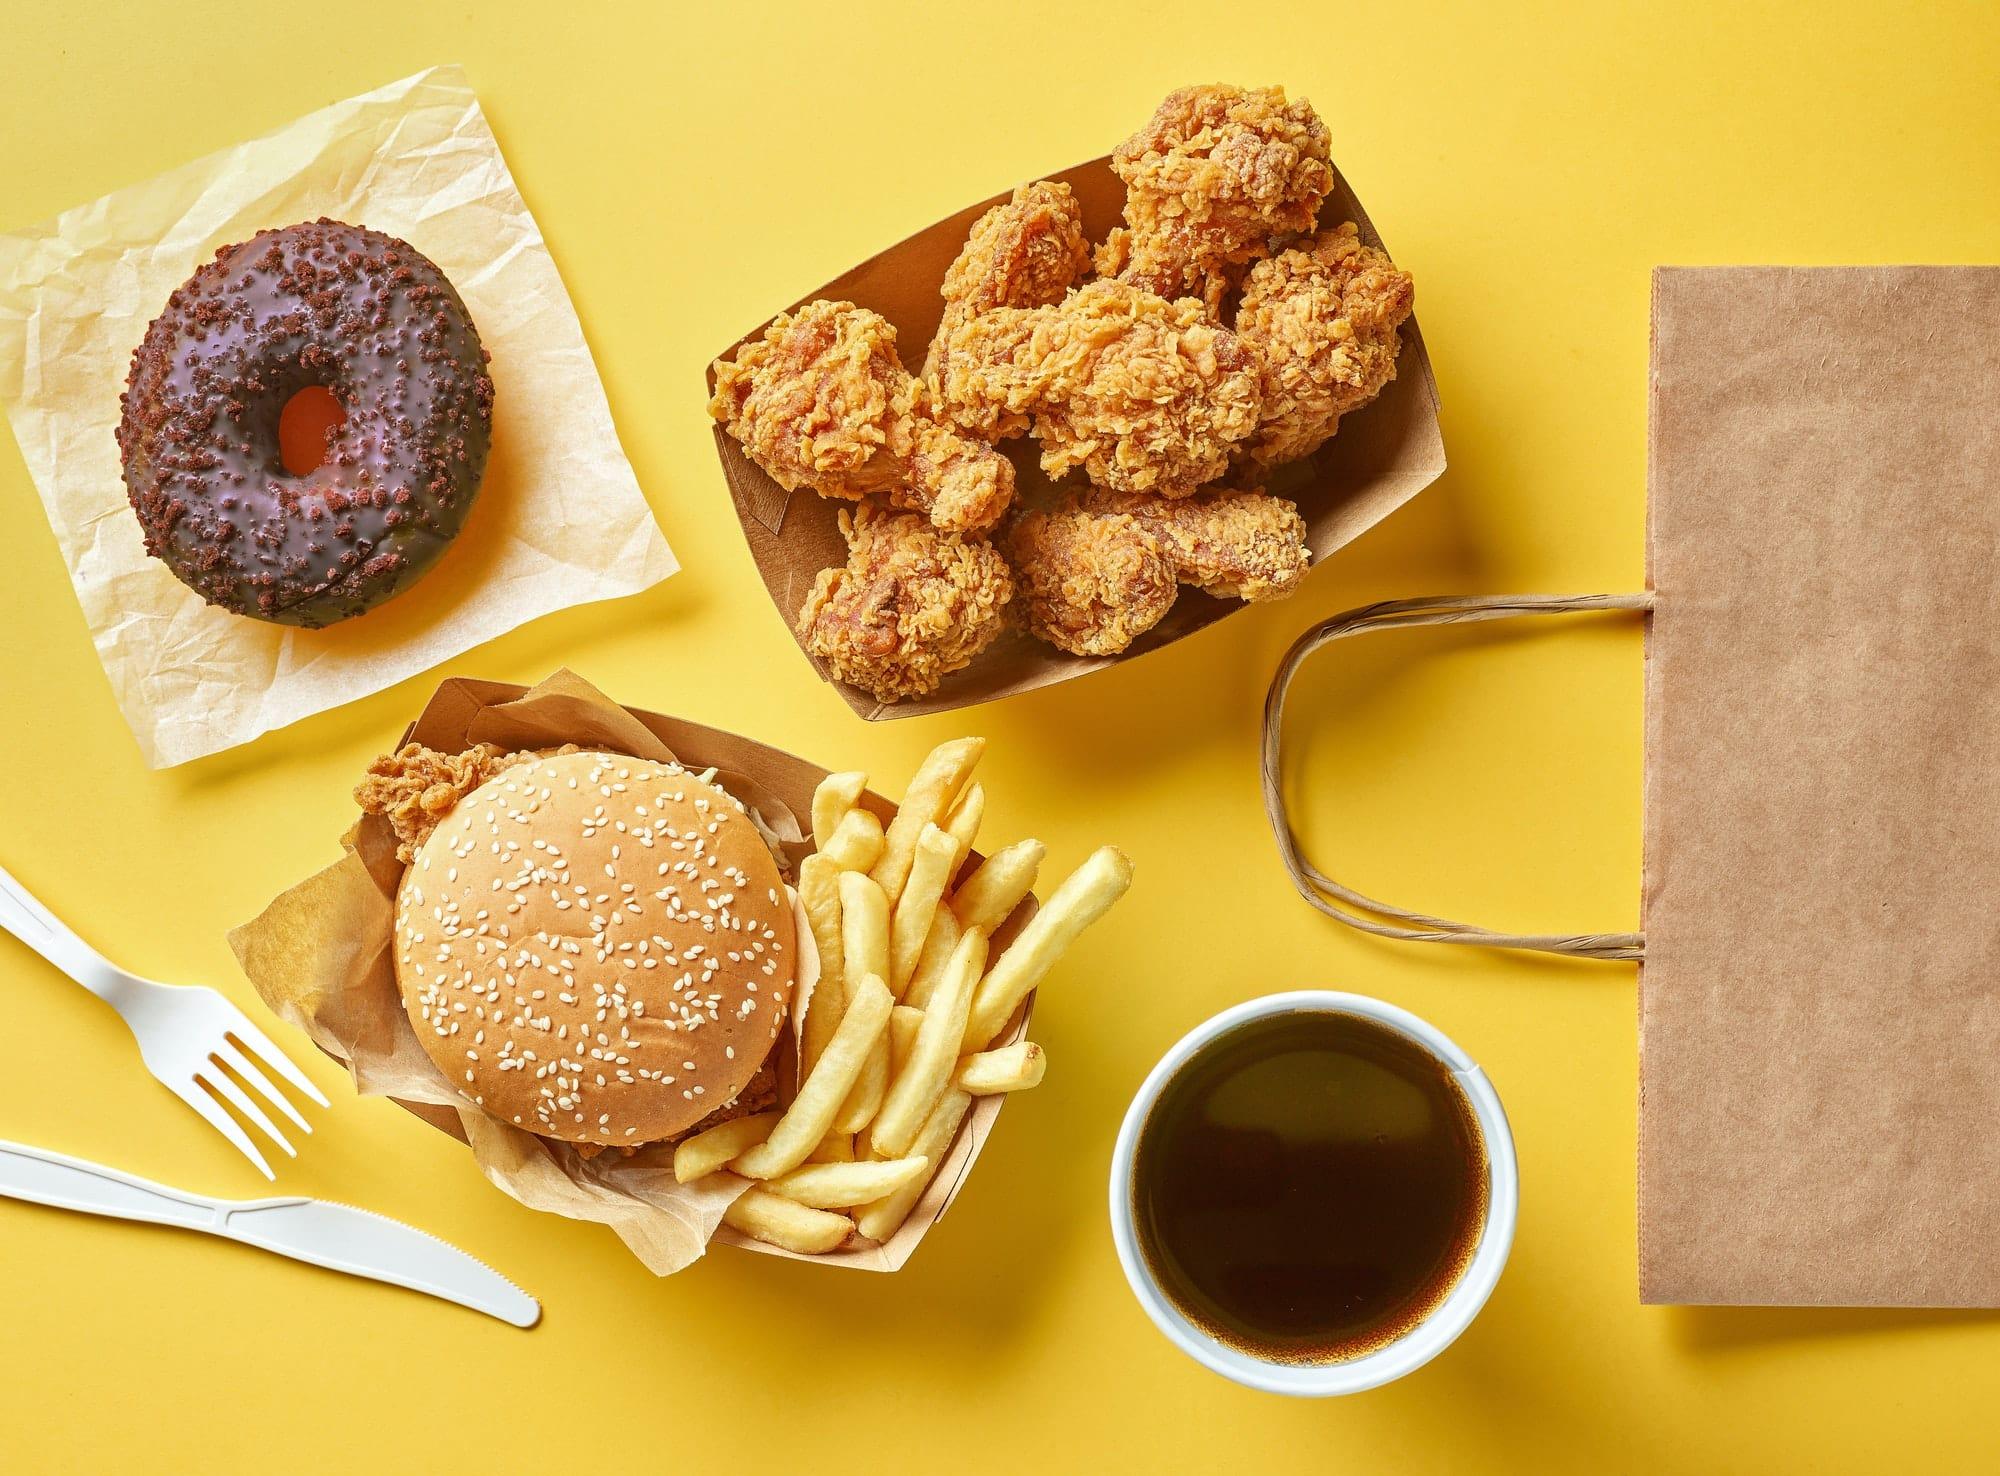 burger donut frites nuggets et café sur fond jaune